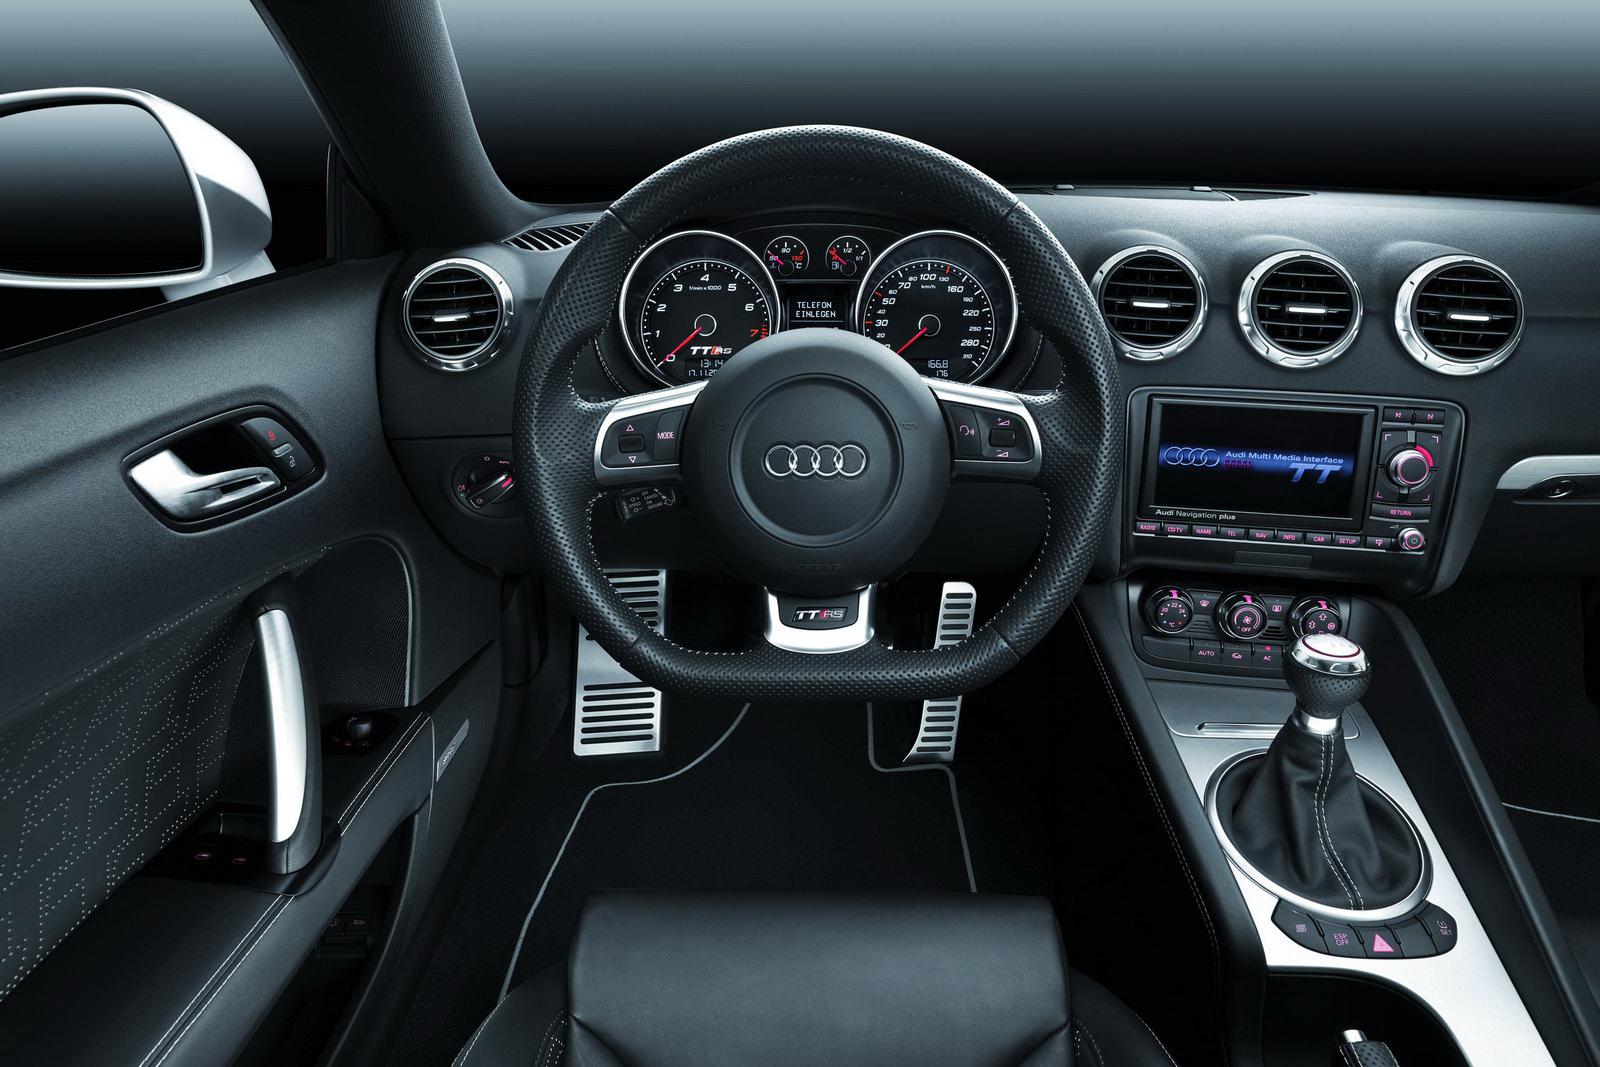 http://1.bp.blogspot.com/-AbucFC4WMOU/T-DCbceNIfI/AAAAAAAAAFU/O4rMyr3HK0c/s1600/2012+Audi+TT+RS+Interior+Dashboard+View.jpg